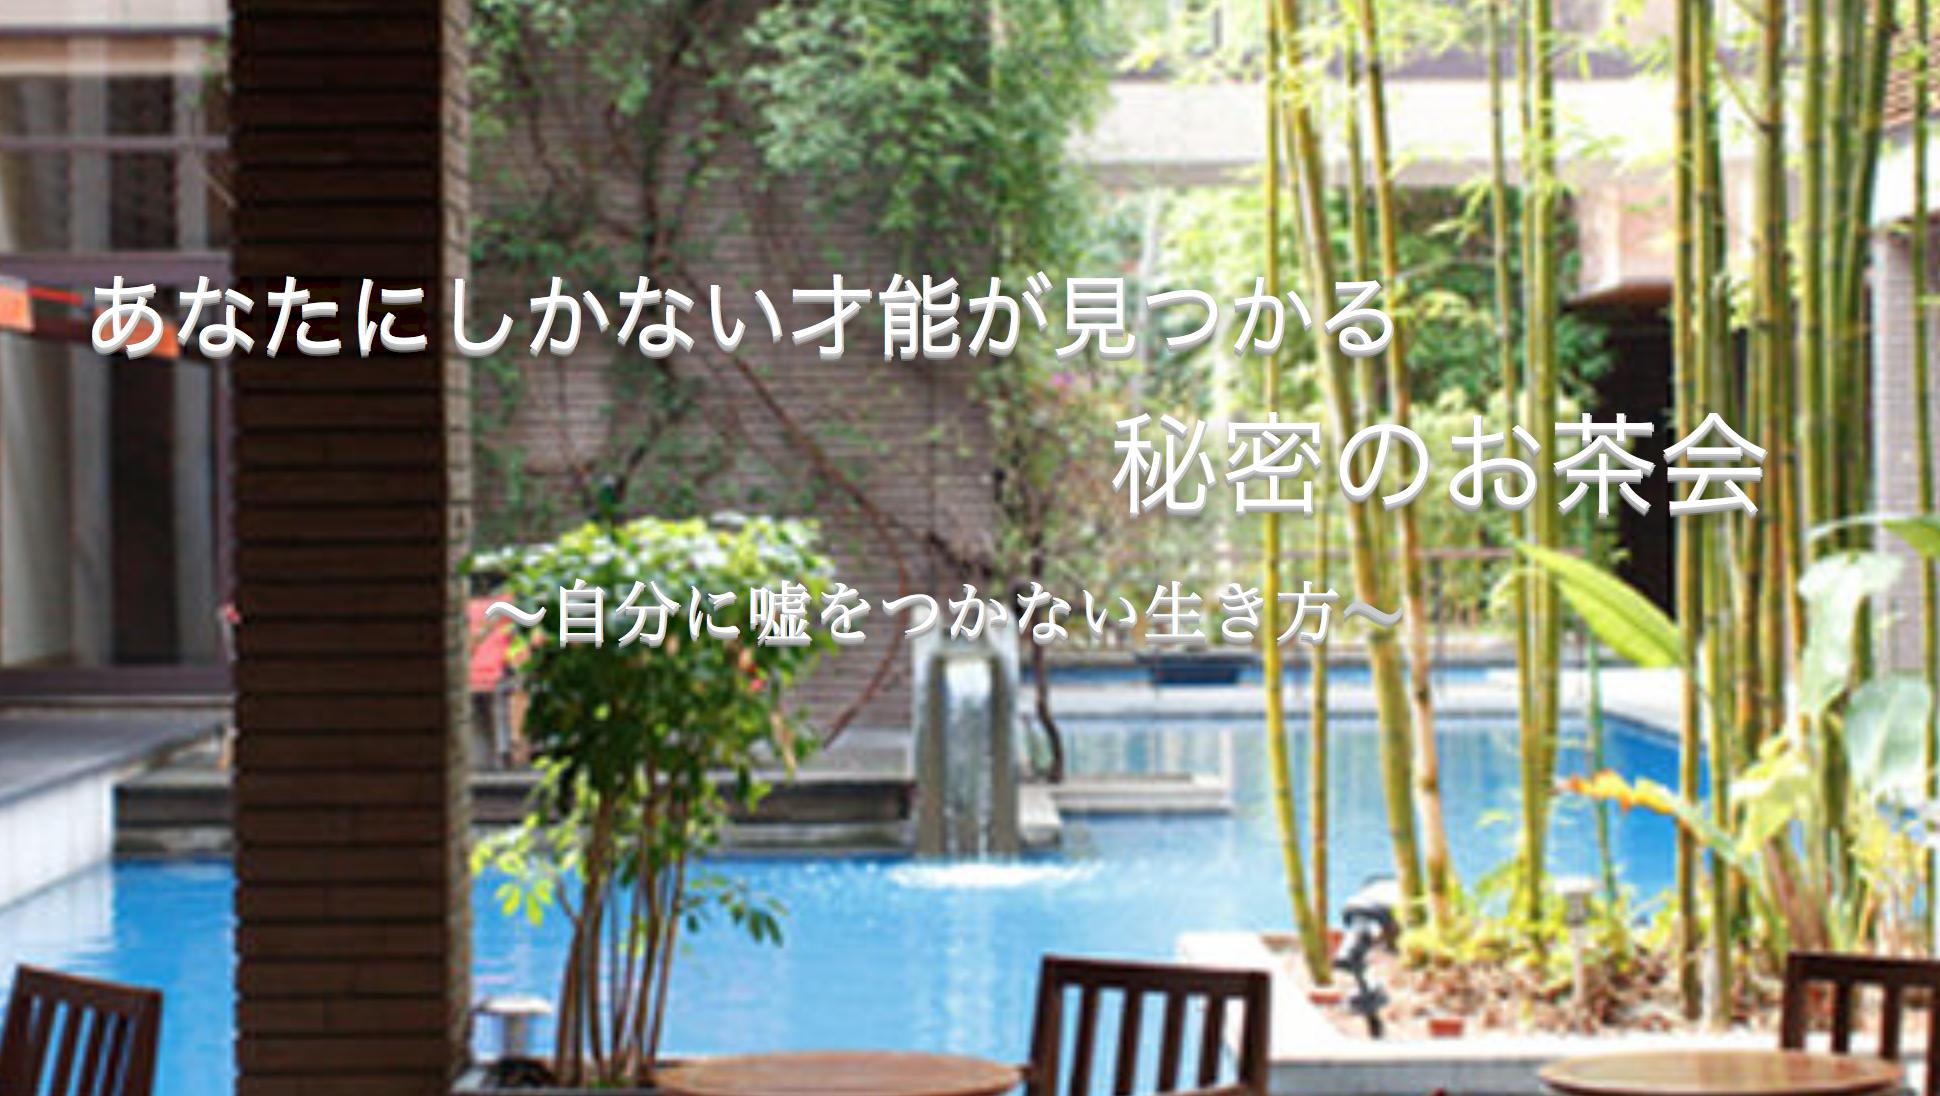 【福岡市】 秘密のお茶会